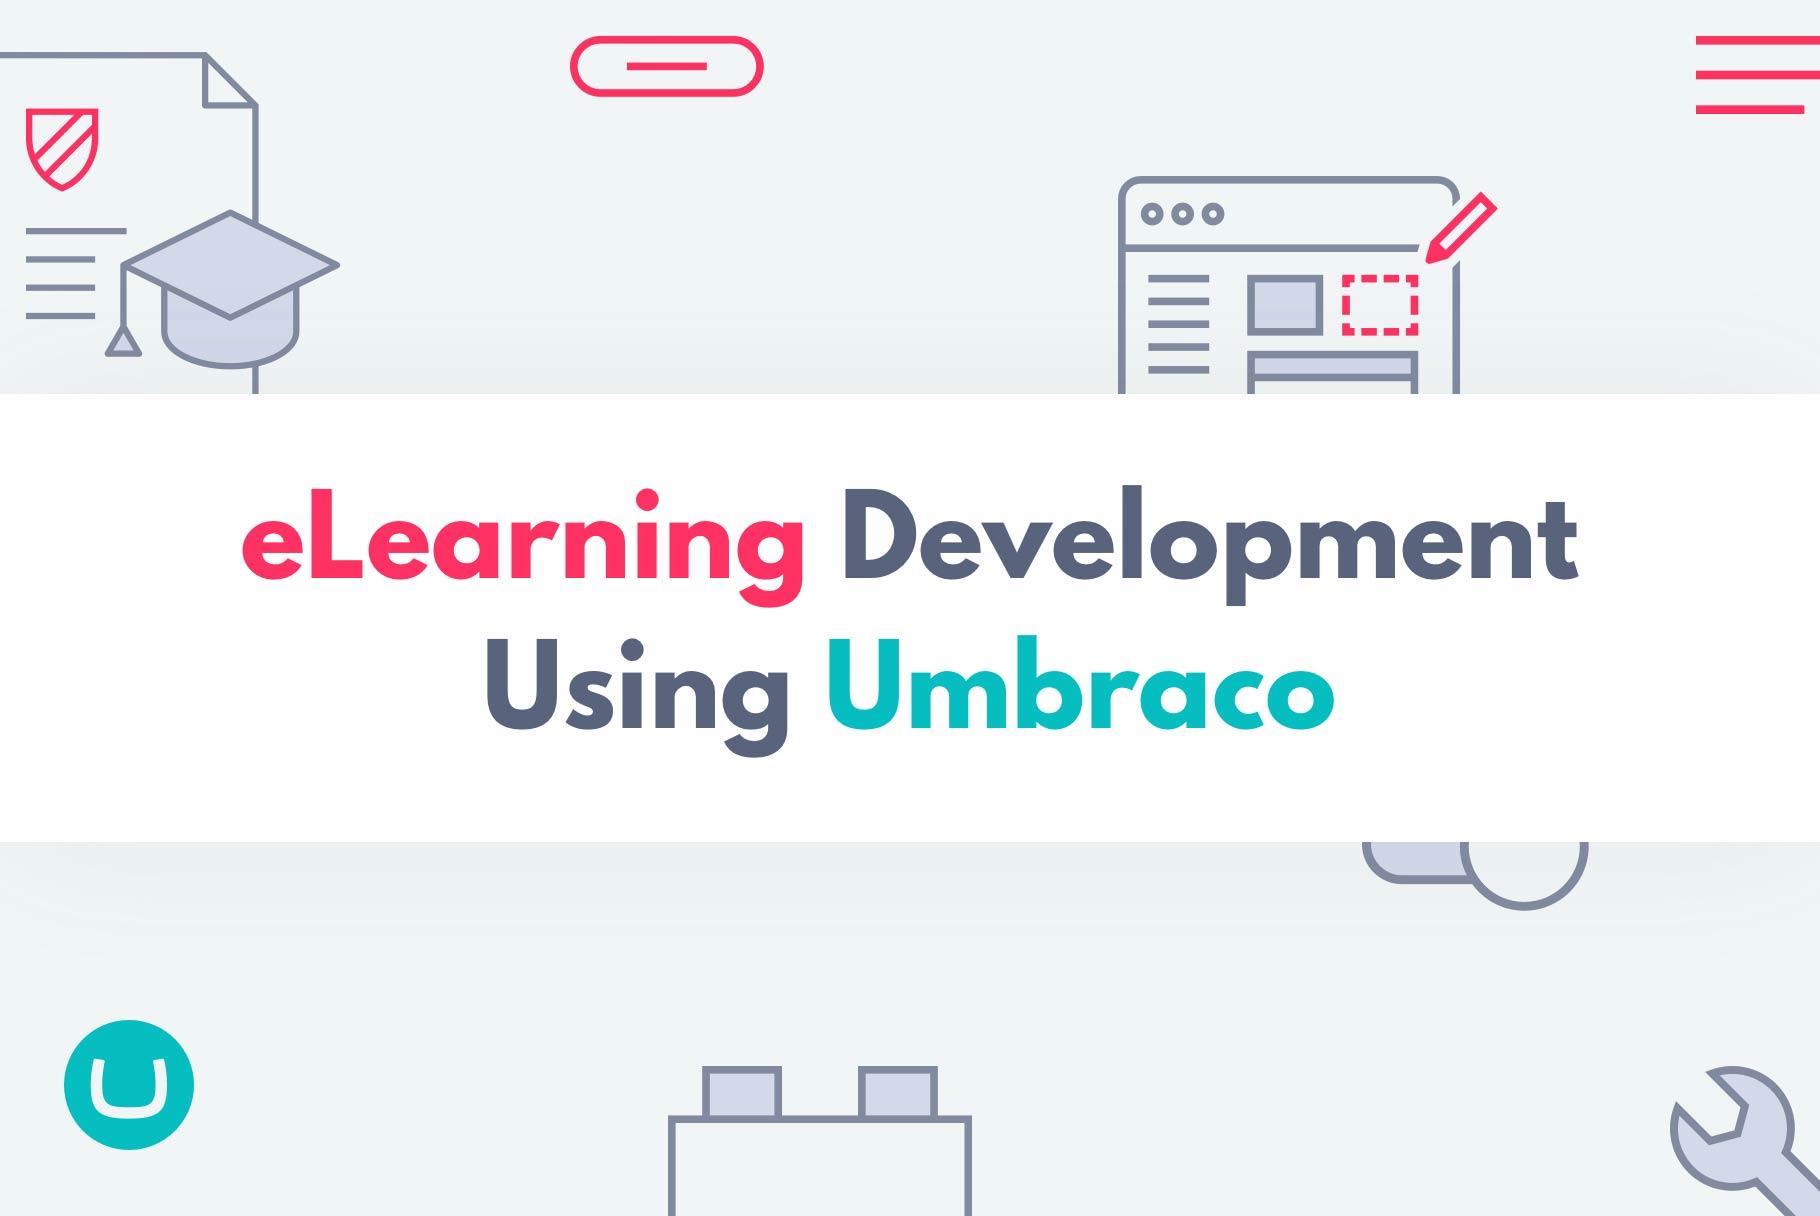 eLearning Development Using Umbraco